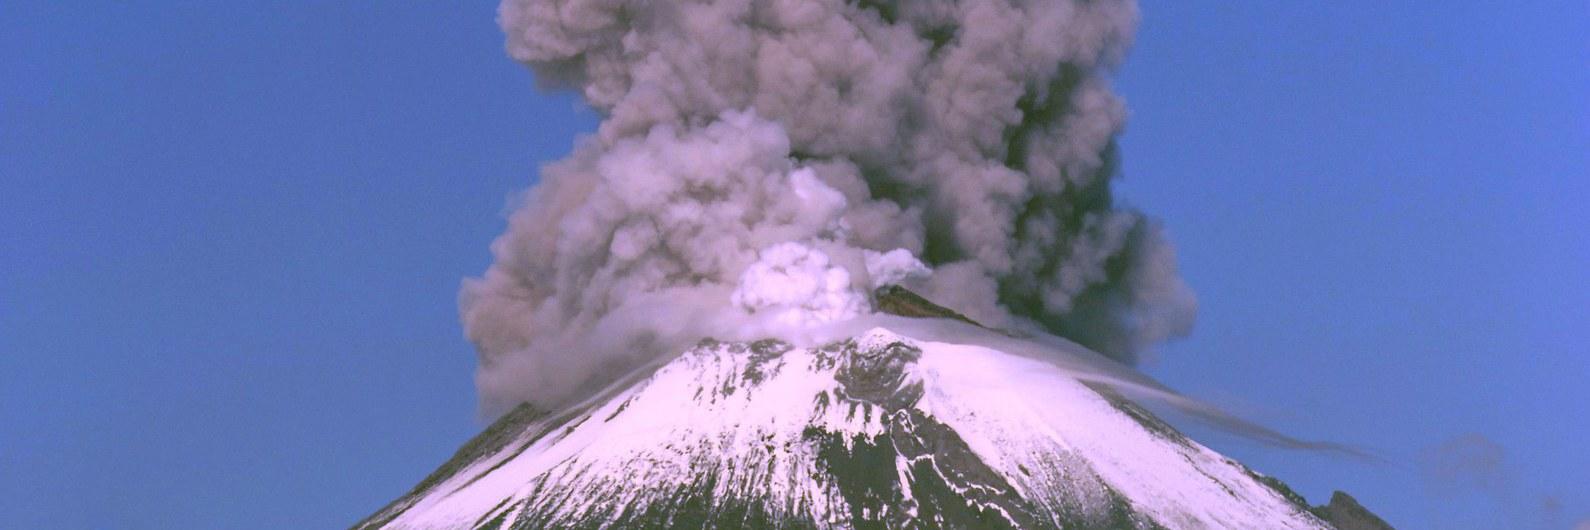 Sismo faz vulcão entrar em erupção no México